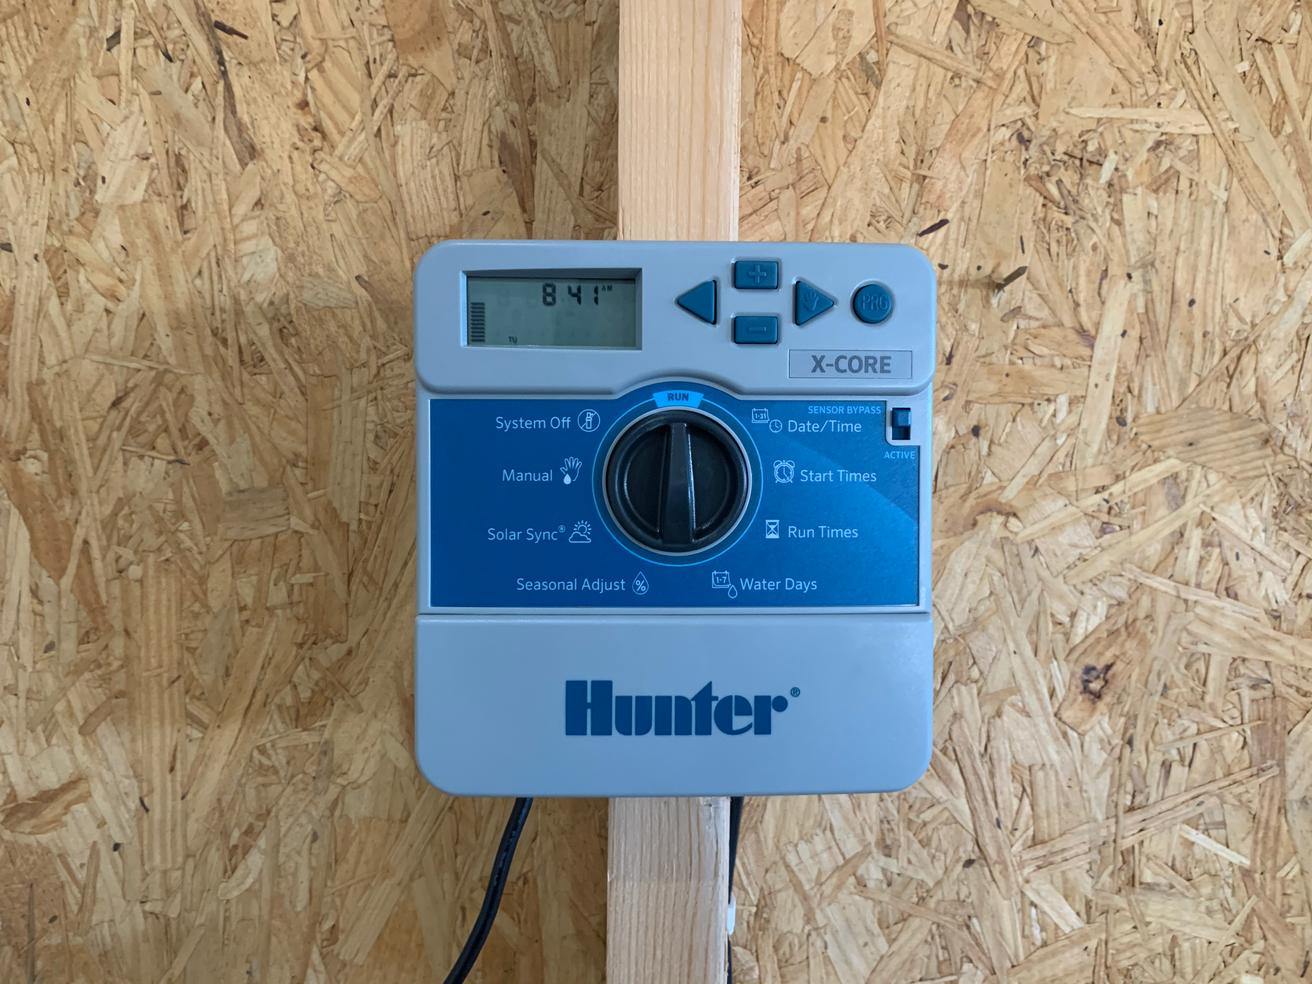 Juniper Sprinkler System Control.png